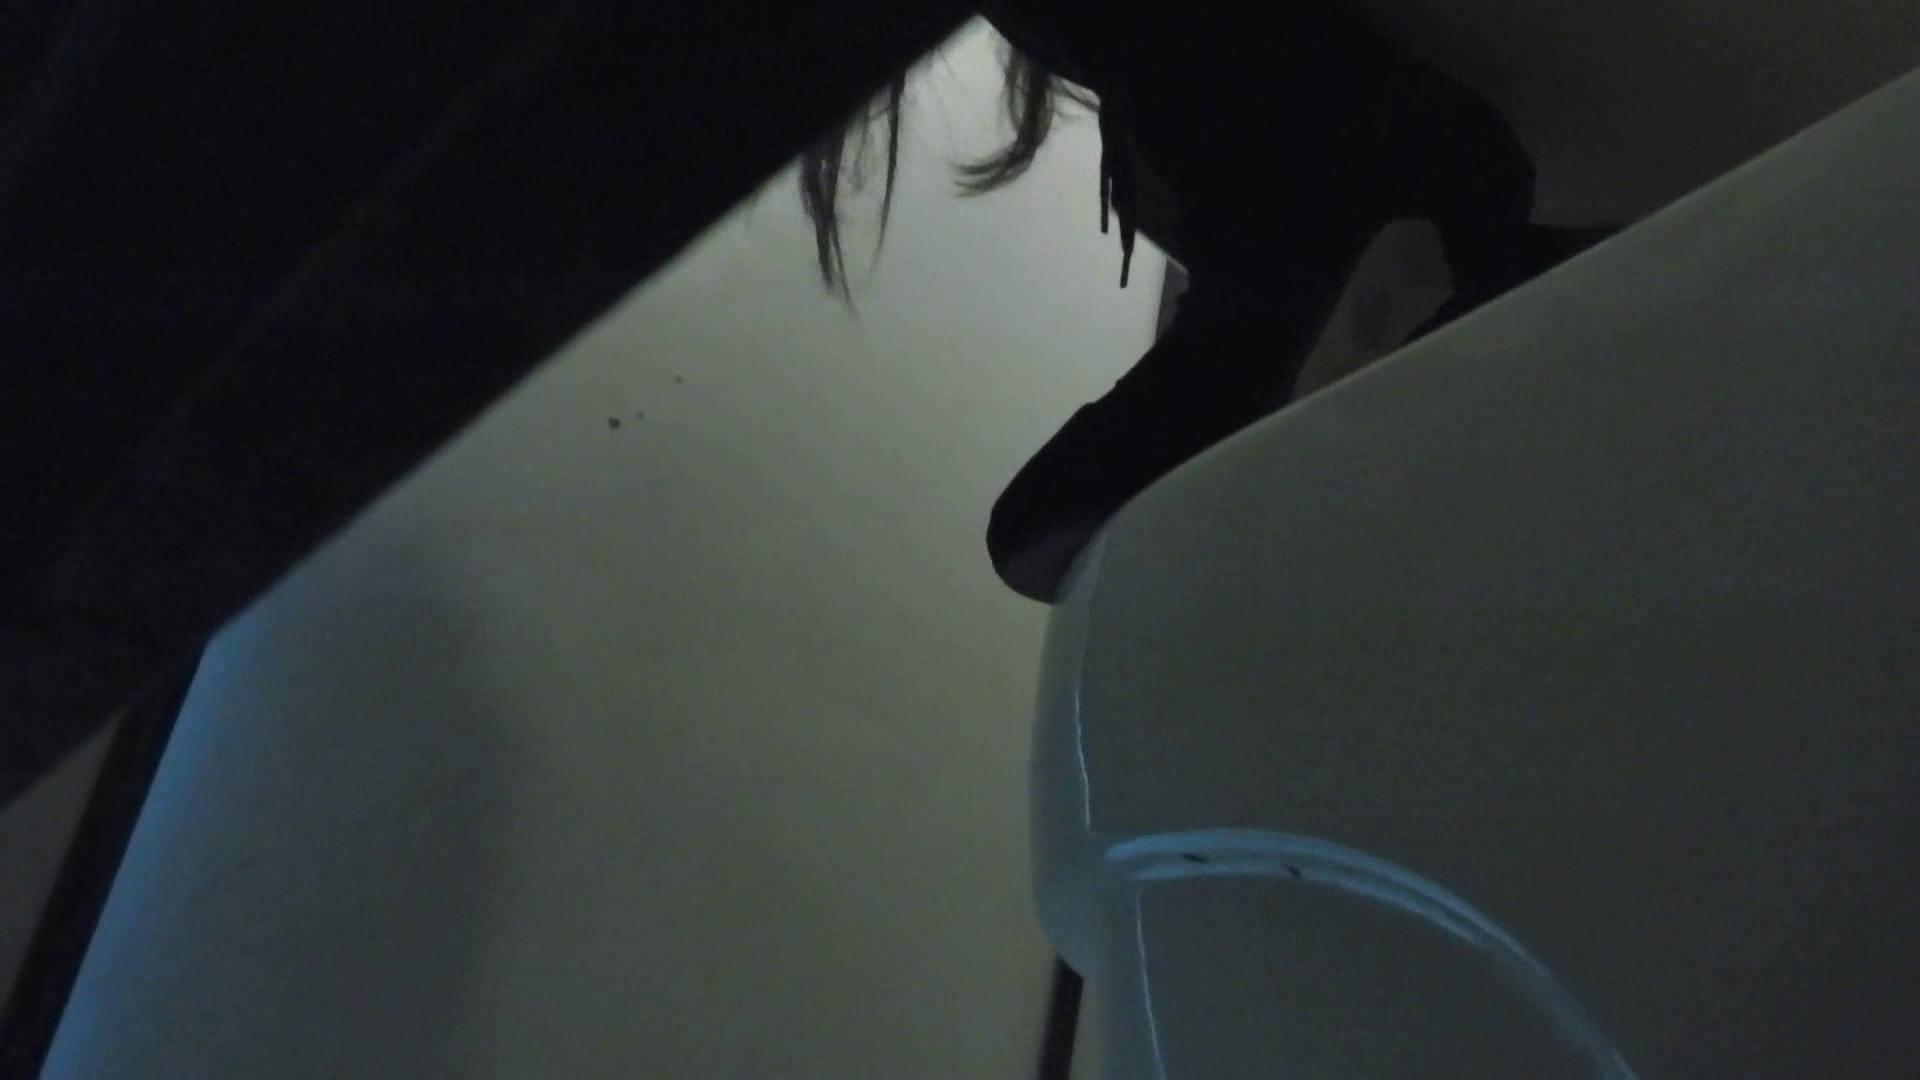 世界の射窓から vol.35 女厕偷拍, 美罗城 南宁国贸 ハプニング   高画質  78枚 21